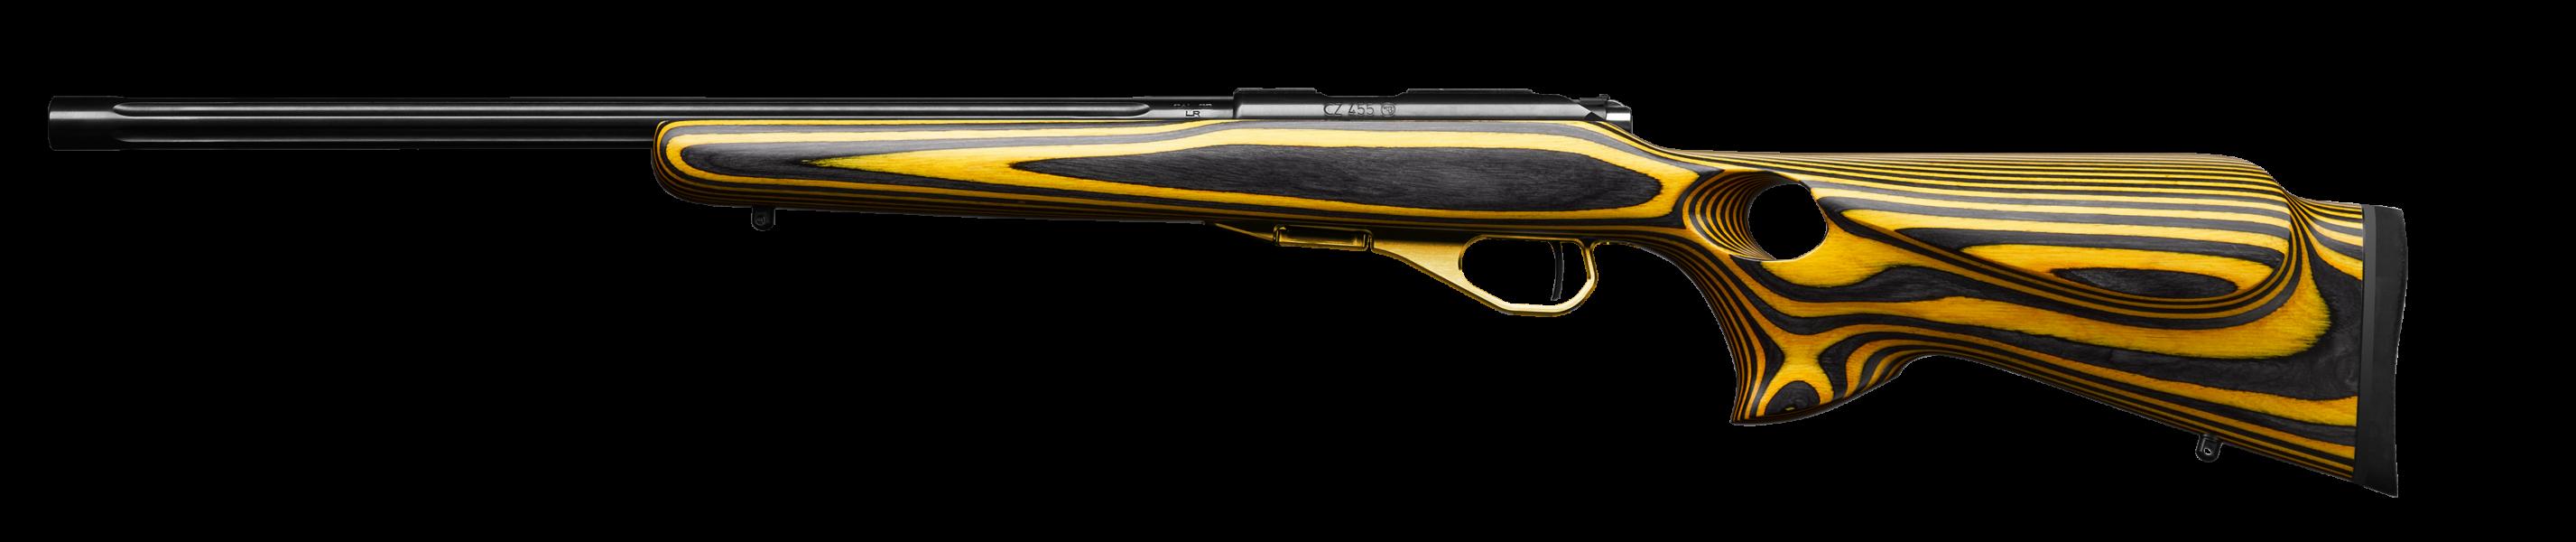 Cz 455 thumbhole yellow left